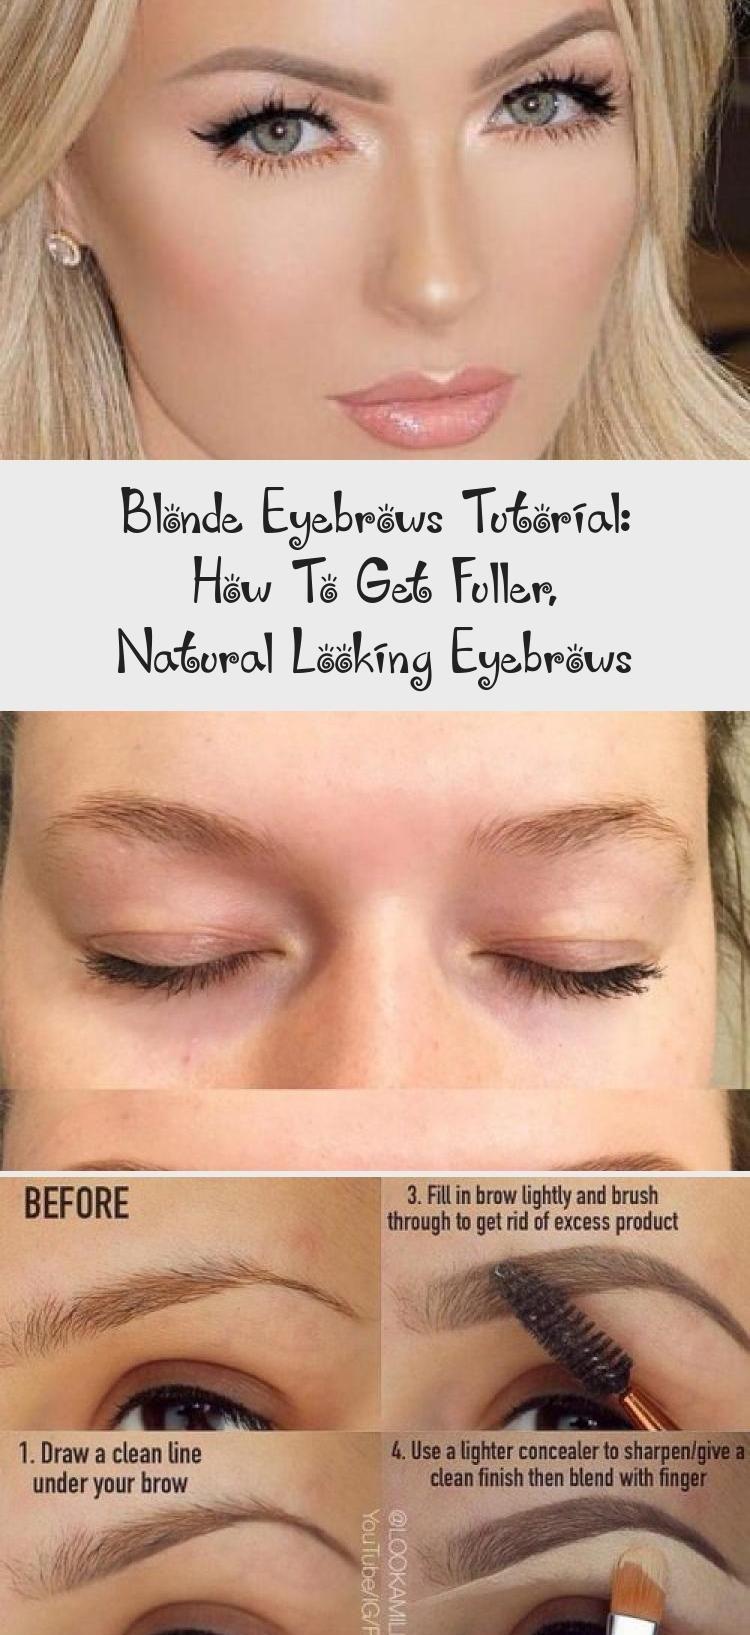 Blonde Eyebrows Tutorial How To Get Fuller Natural Looking Eyebrows In 2020 Blonde Eyebrows Eyebrow Tutorial Eyebrows